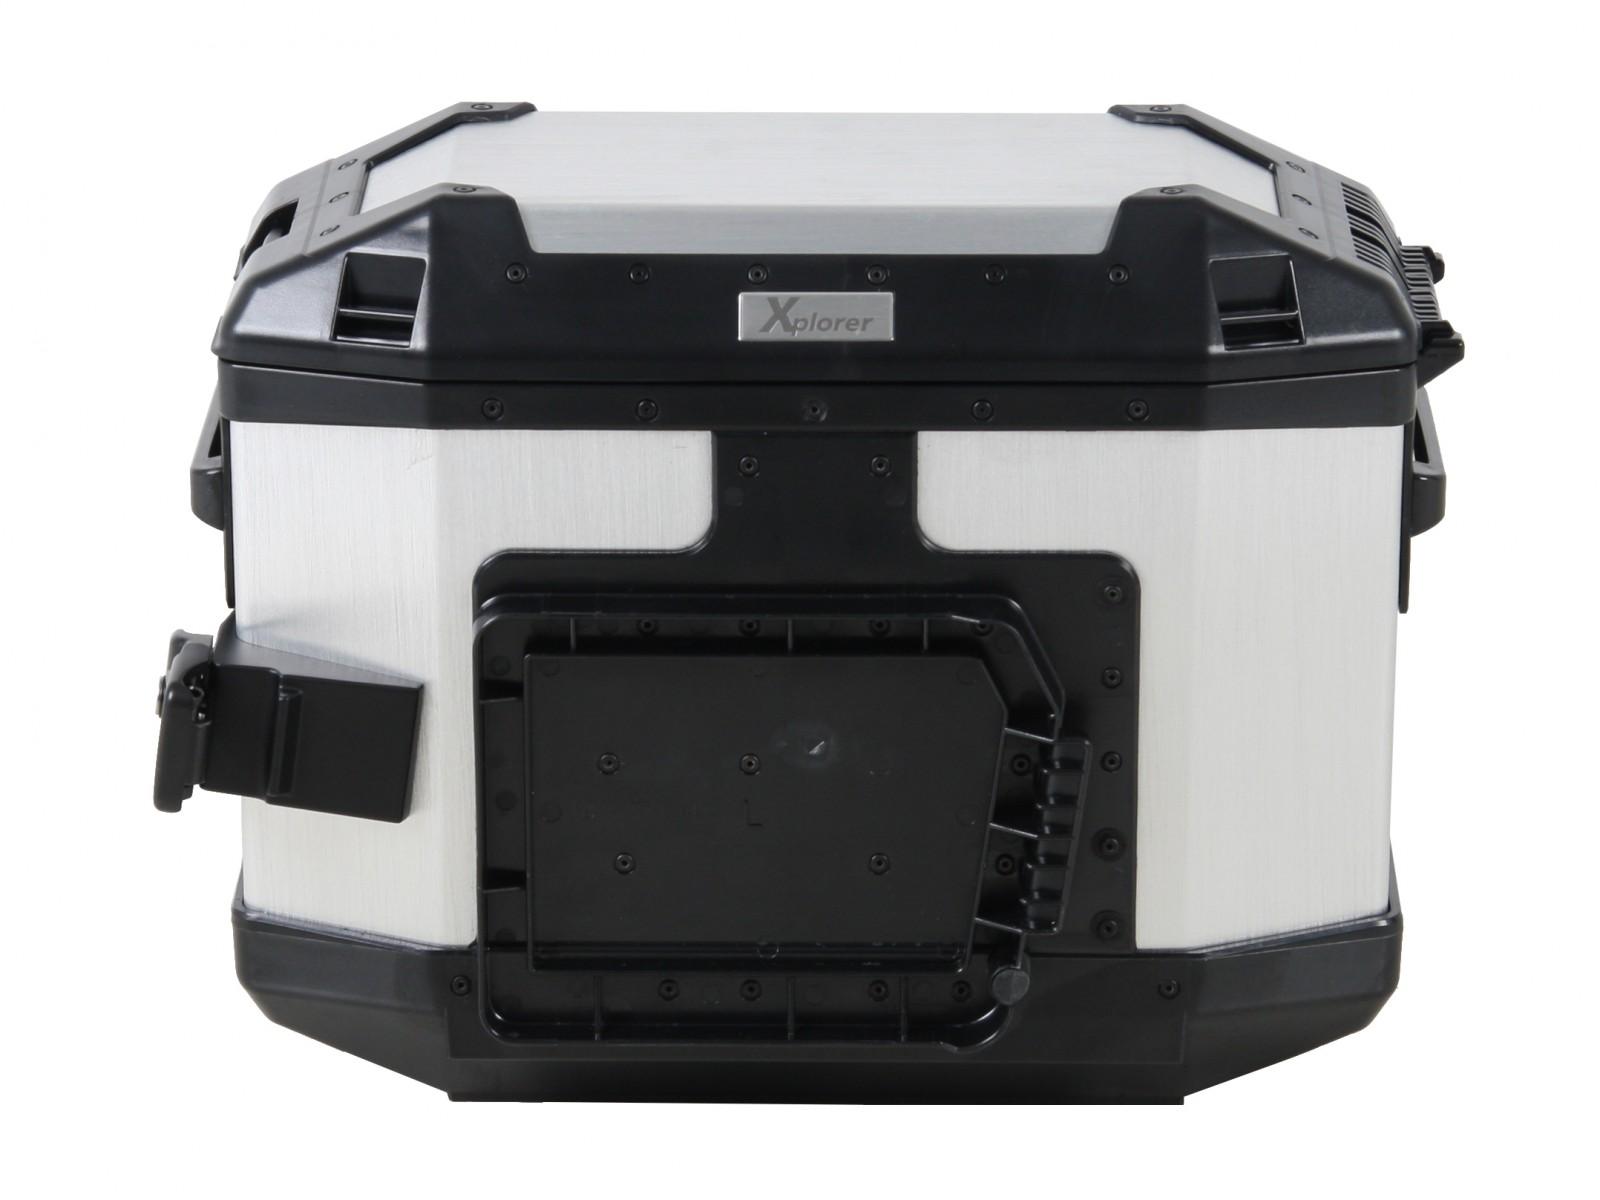 Hepco & Becker Xplorer Side Case 30 L Silver Right